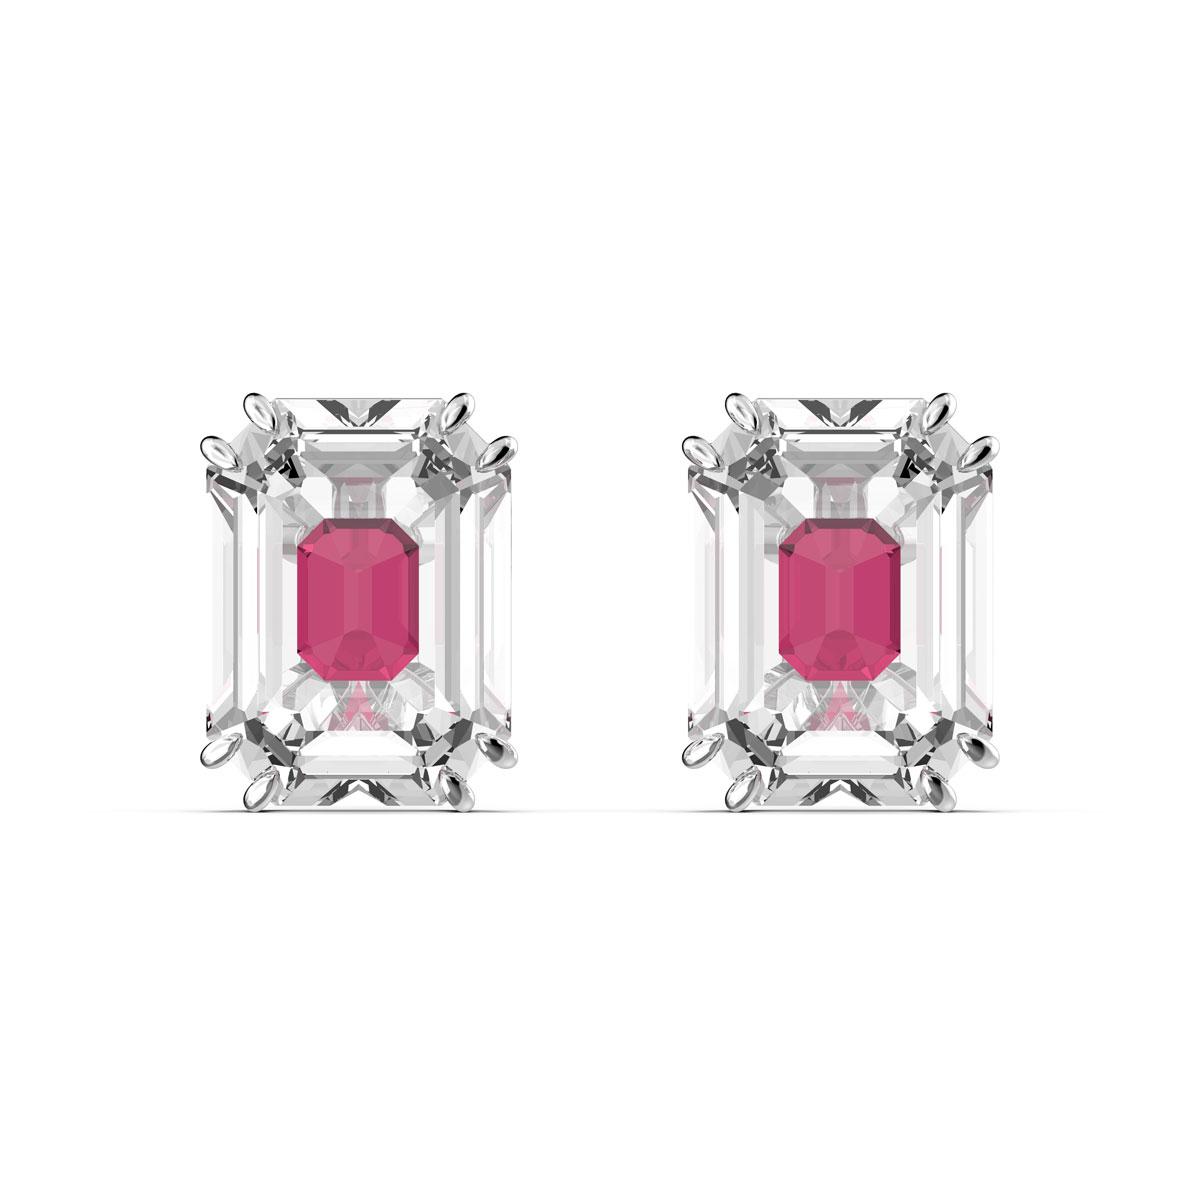 Swarovski Chroma Earrings, Pink, Rhodium Plated, Pair